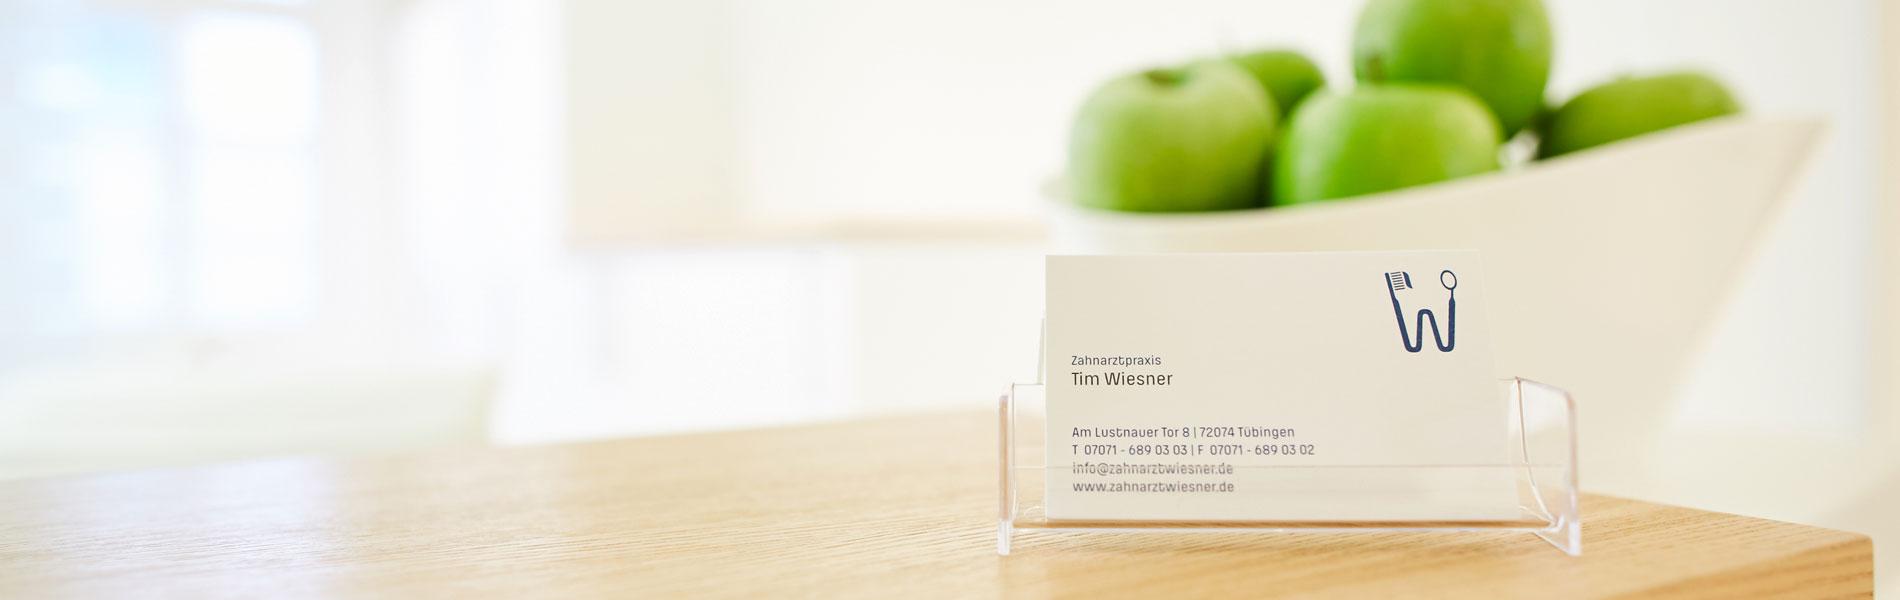 Zahnarztpraxis Wiesner - Kontakt 1